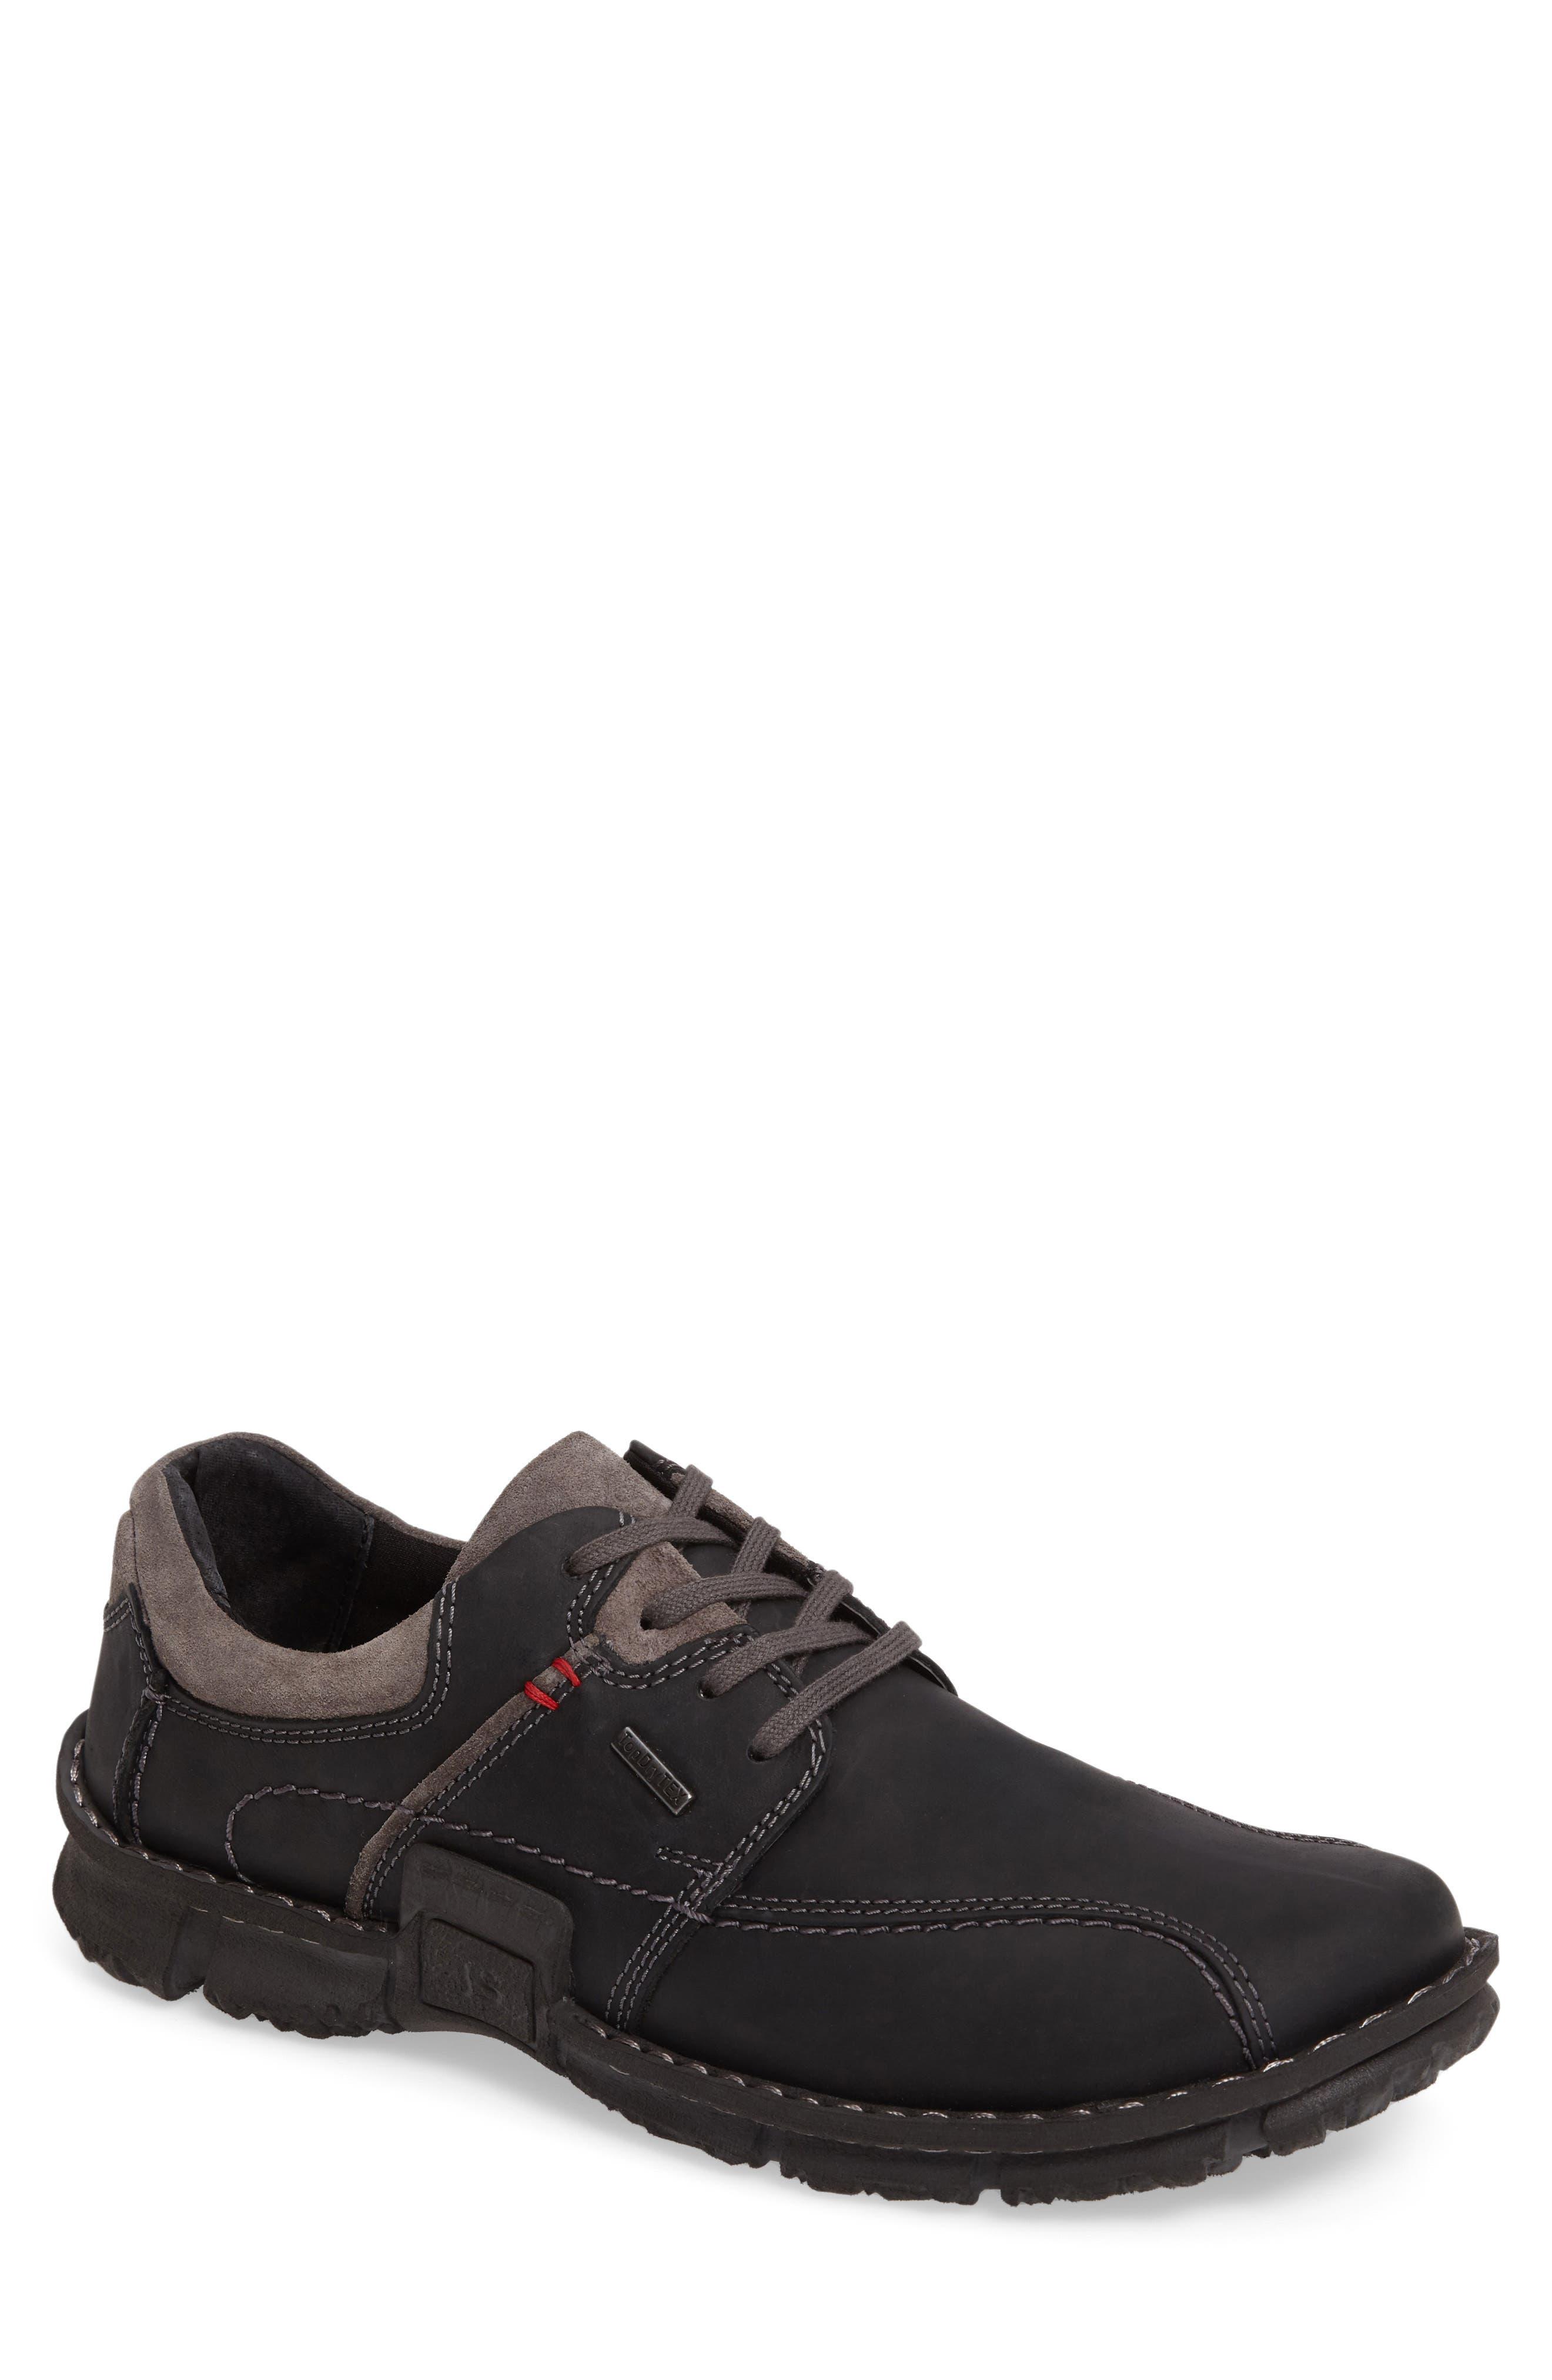 Josef Seibel Willow Waterproof Sneaker (Men)